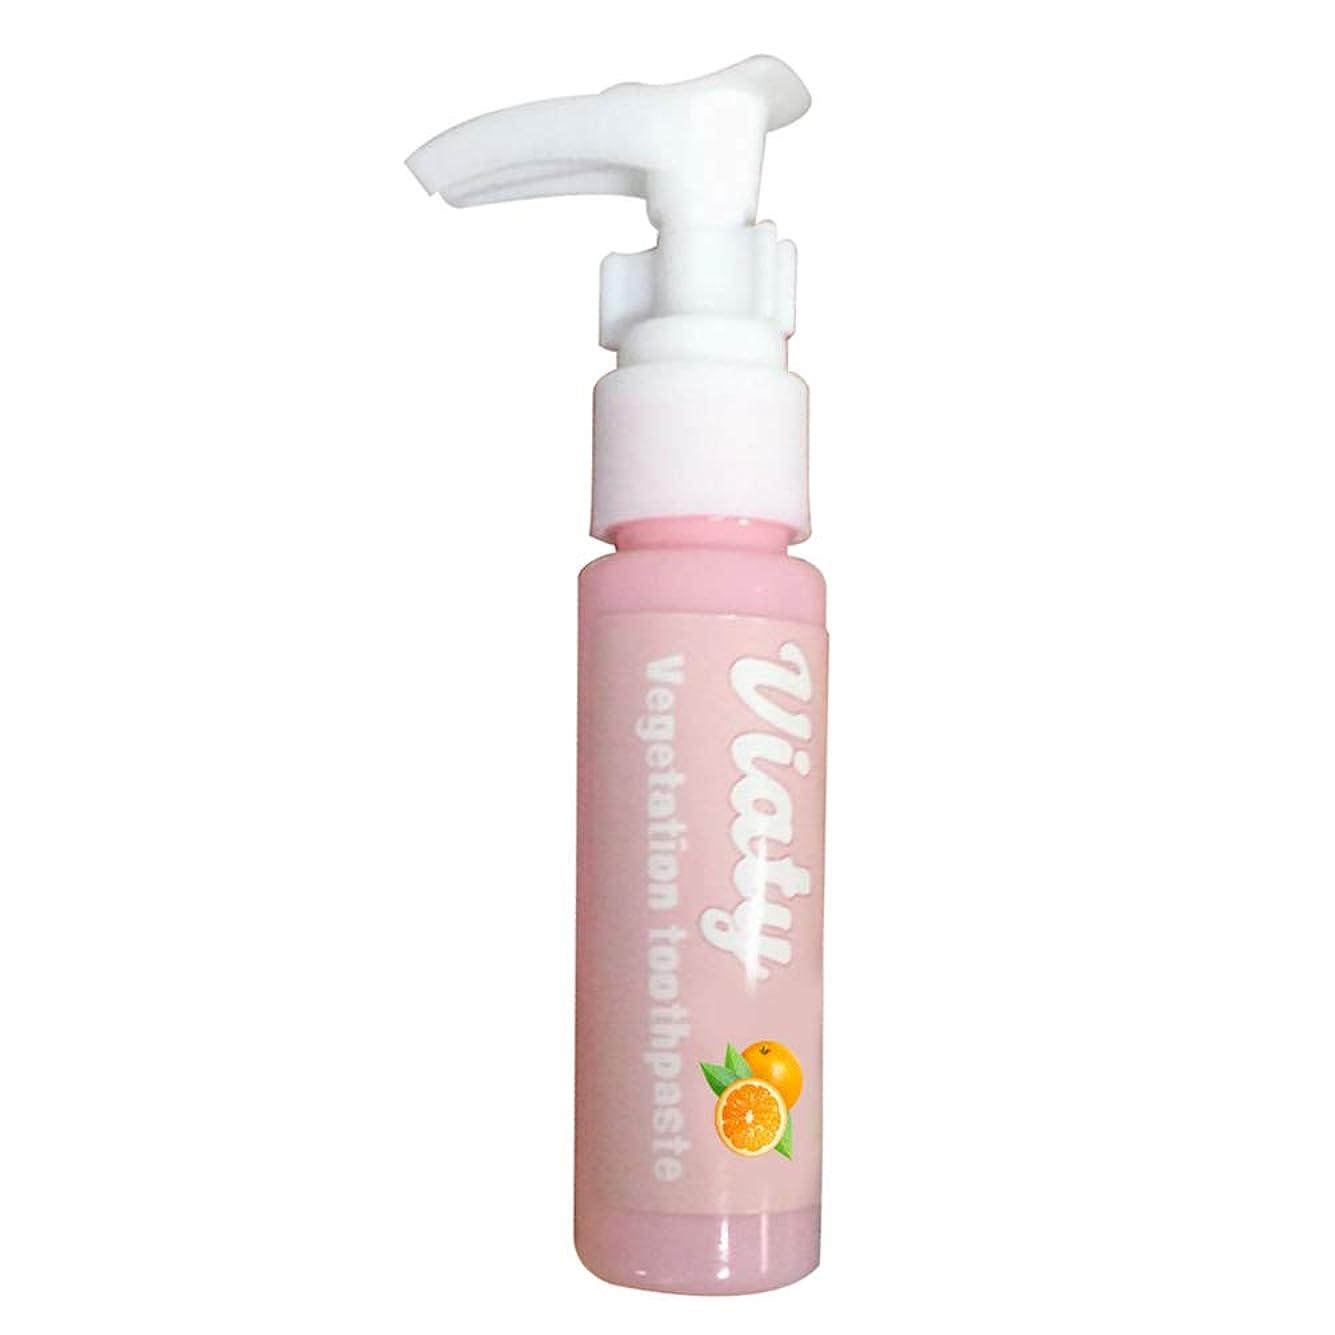 宇宙散歩に行く広告主Lambowo 歯磨き粉の抗の出血性のゴムを押す白くなる携帯用汚れの除去剤は新しい歯磨き粉をタイプします